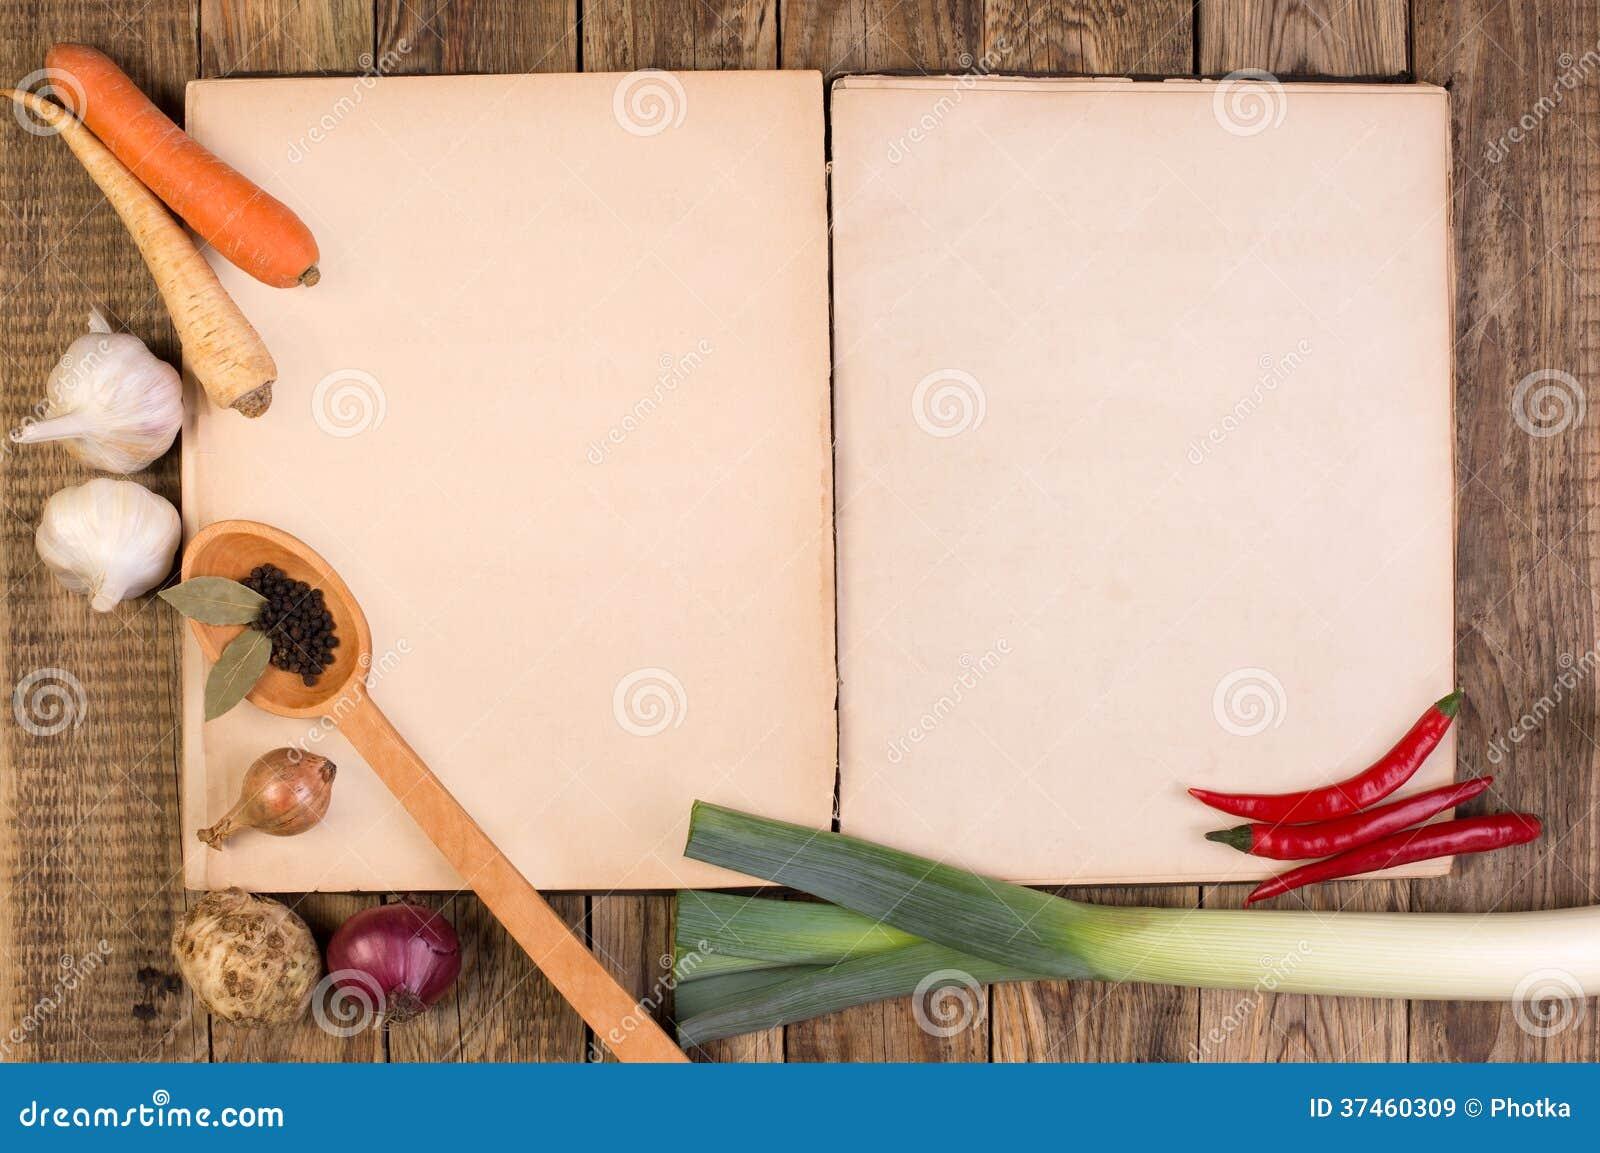 livre de cuisine sur le fond en bois images libres de droits image 37460309. Black Bedroom Furniture Sets. Home Design Ideas